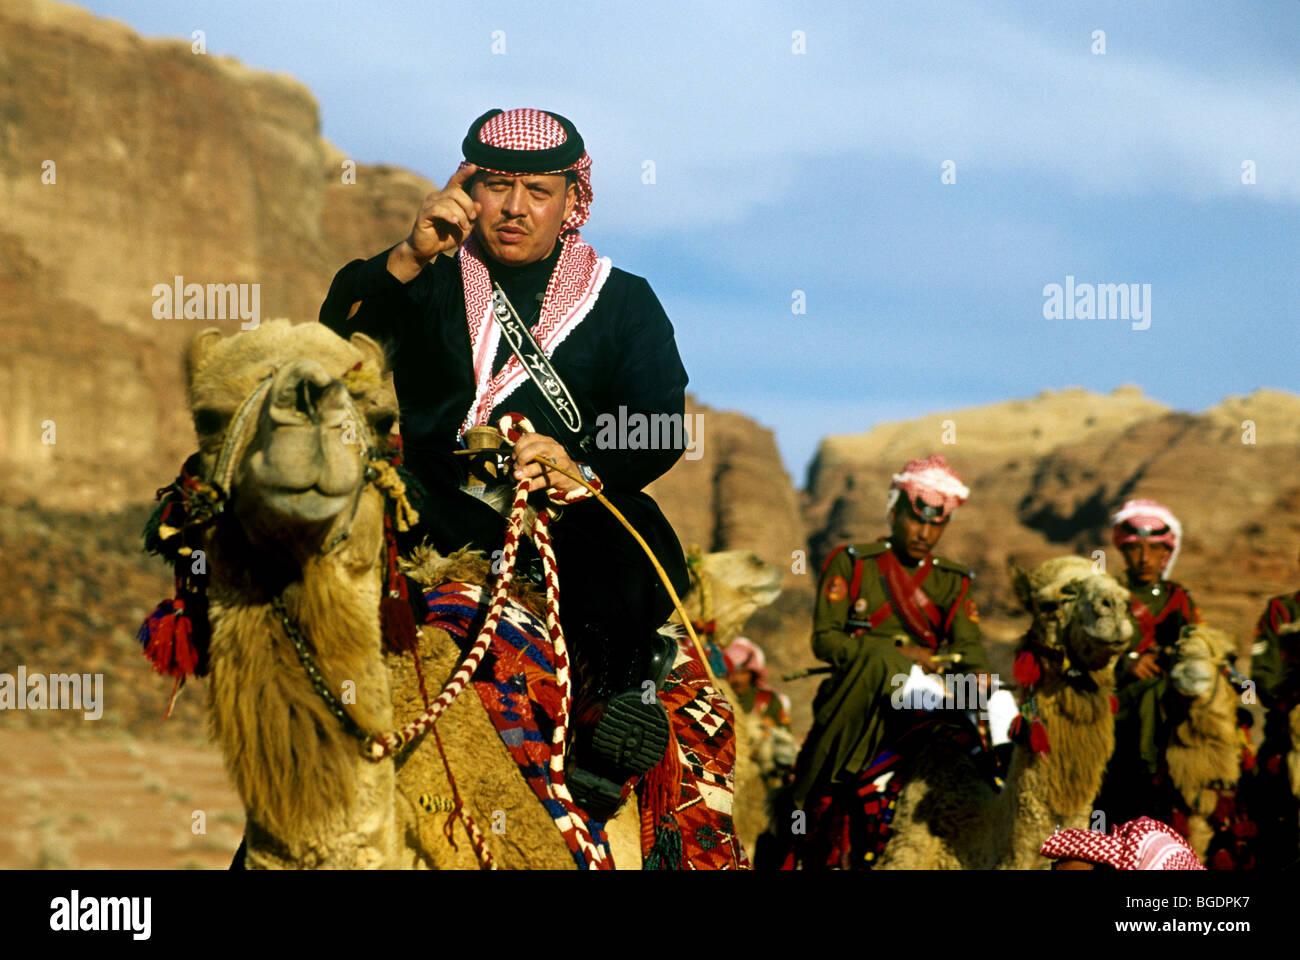 king-abdullah-ii-of-jordan-in-wadi-rum-BGDPK7.jpg